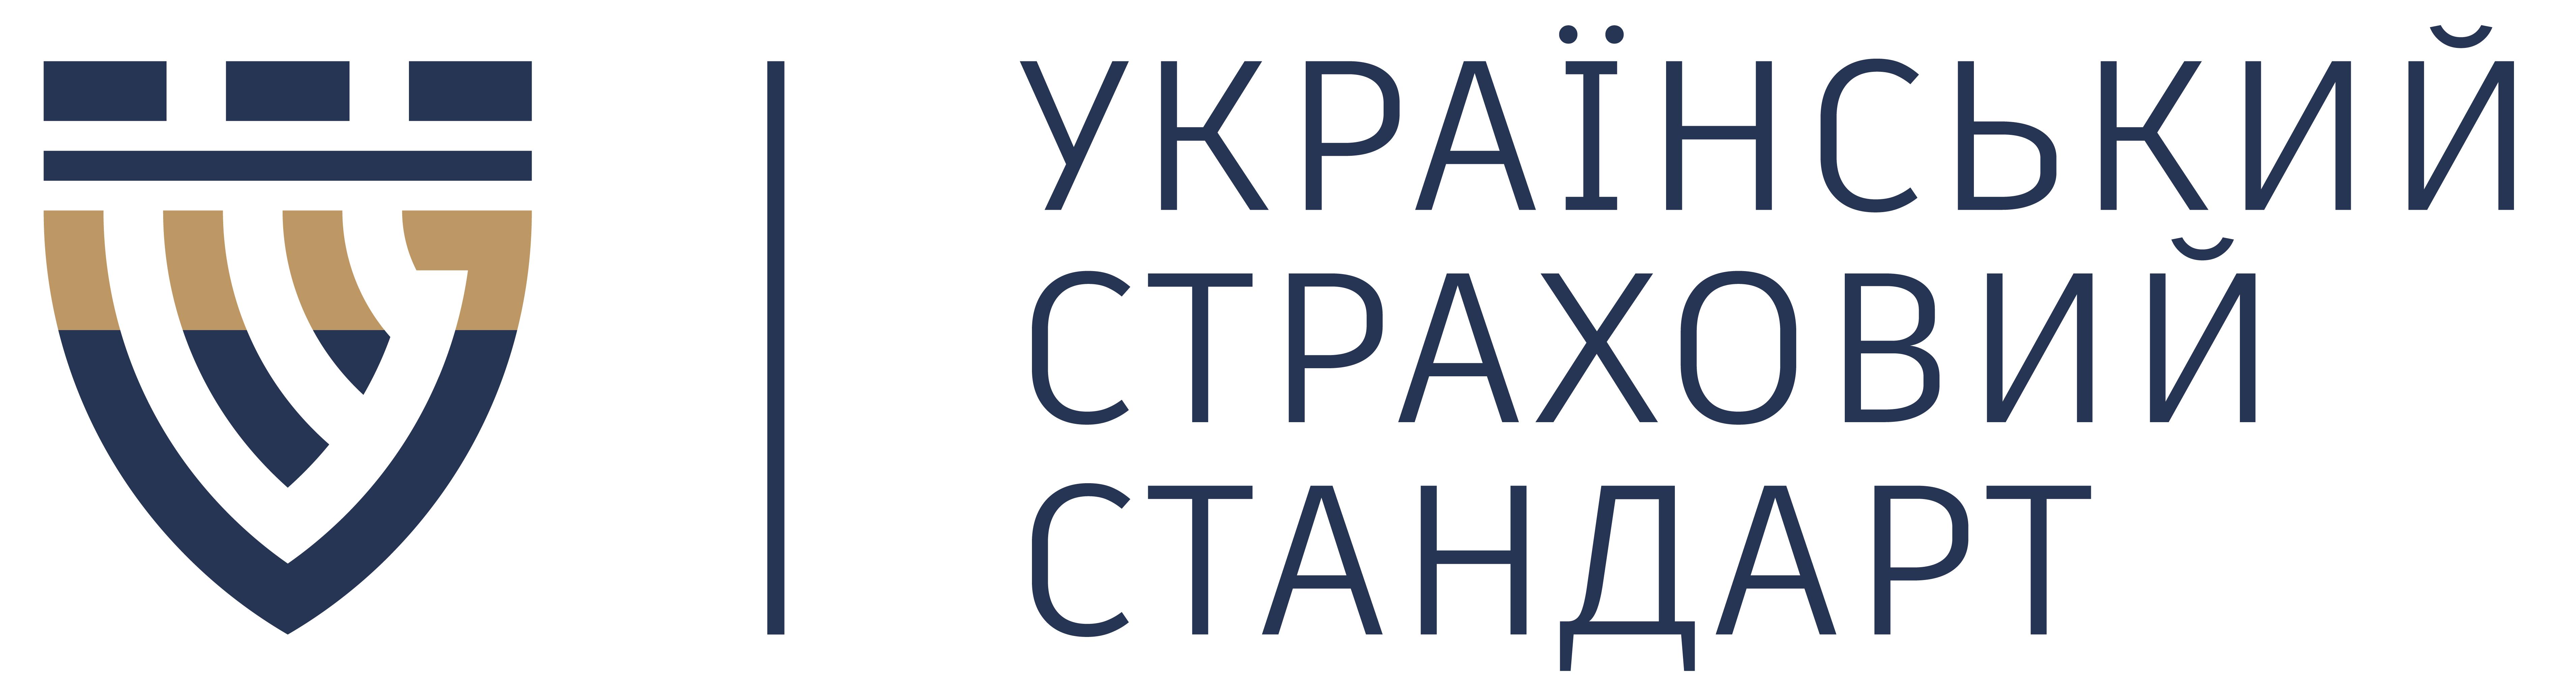 Український страховий стандарт